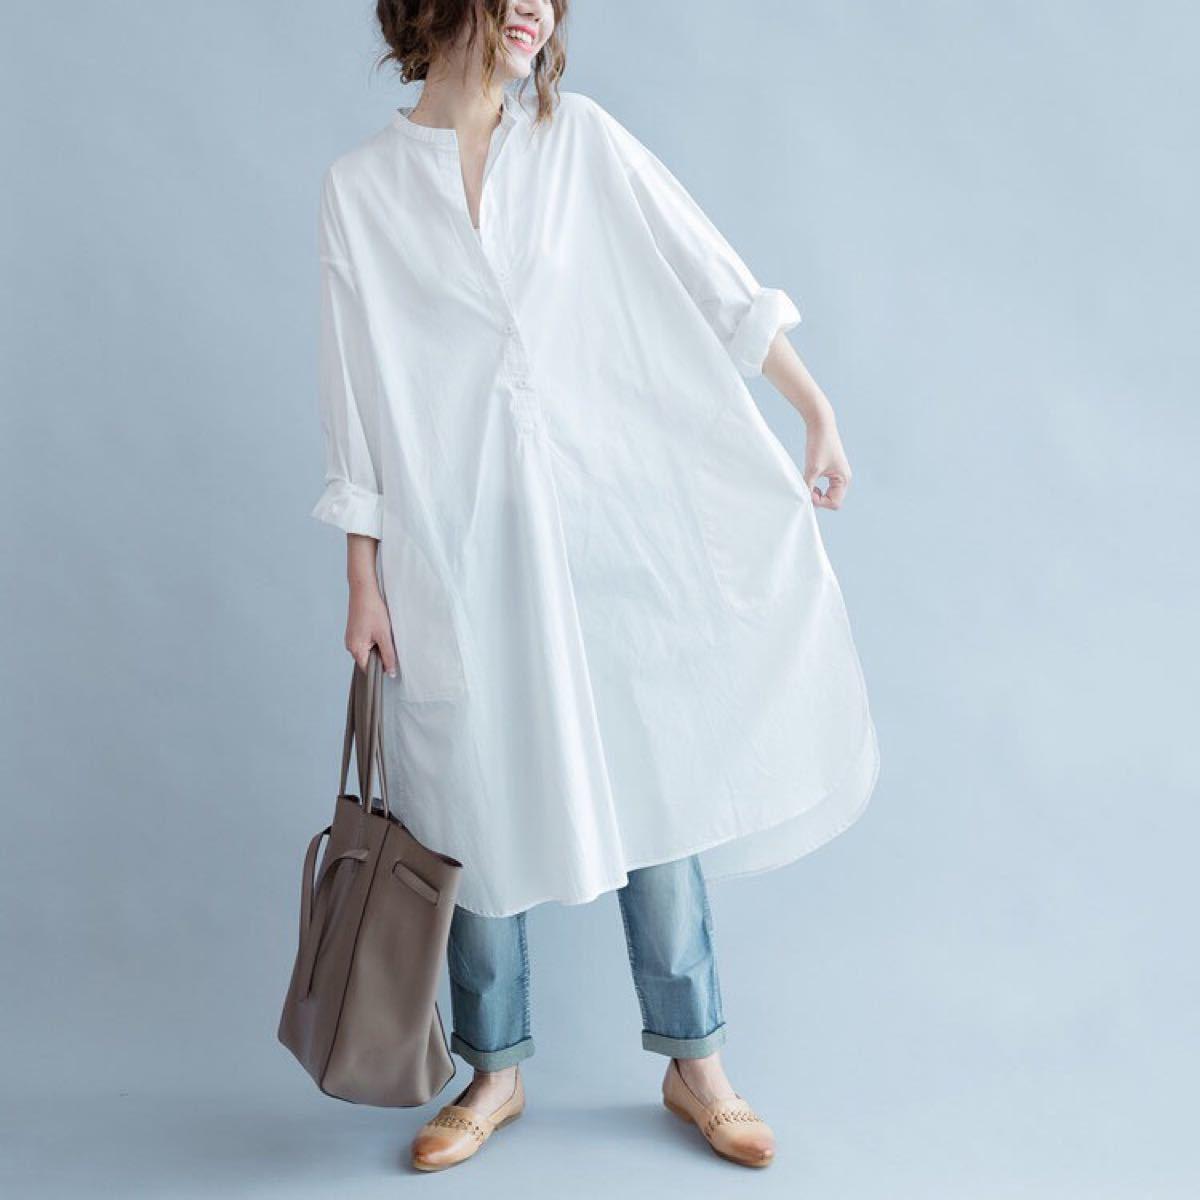 ロングシャツ ロングワンピース カジュアル シャツ ワンピース 秋服